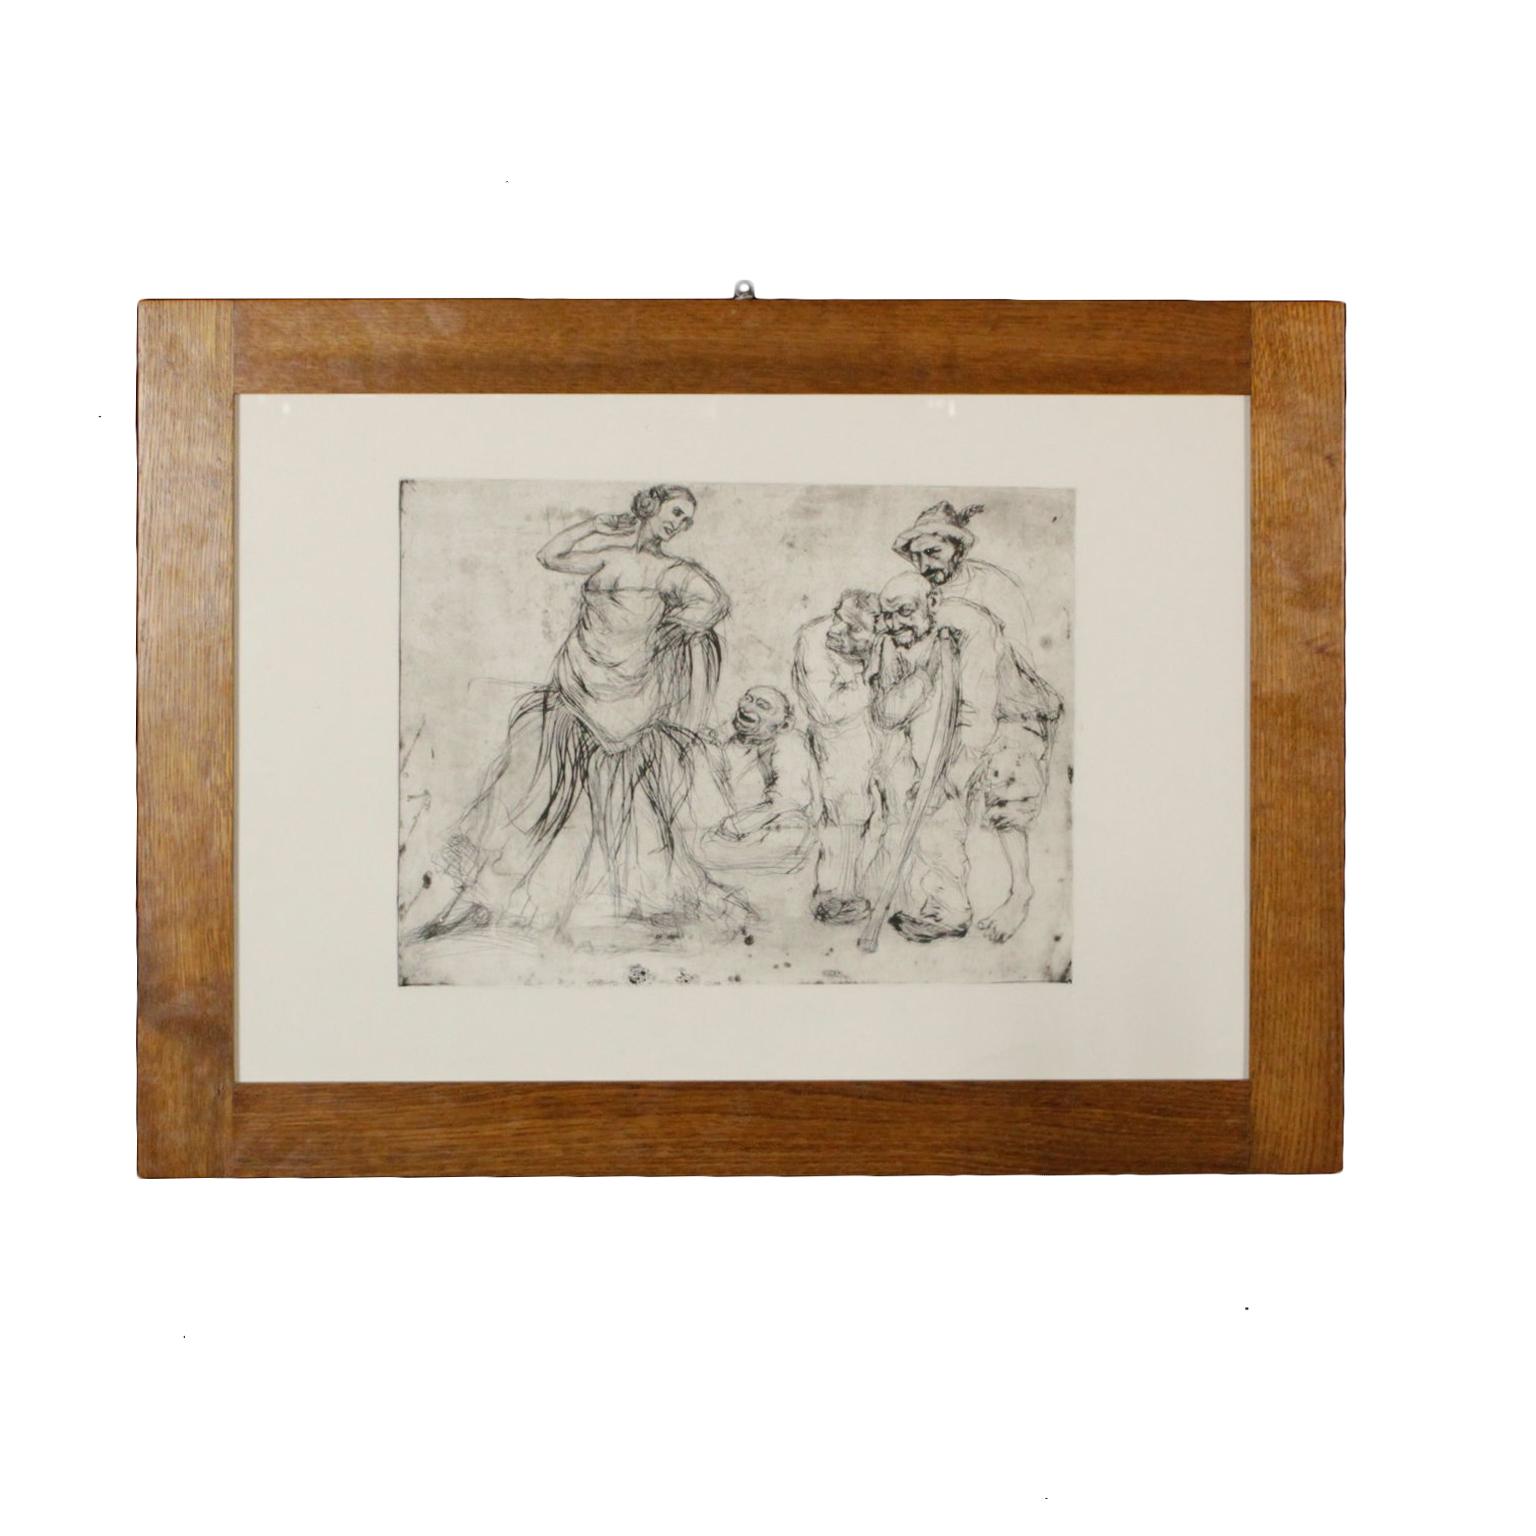 Arte del siglo Xx - Lorenzo Gigli (1896 -1983) Caracteres de la carretera d56233db460